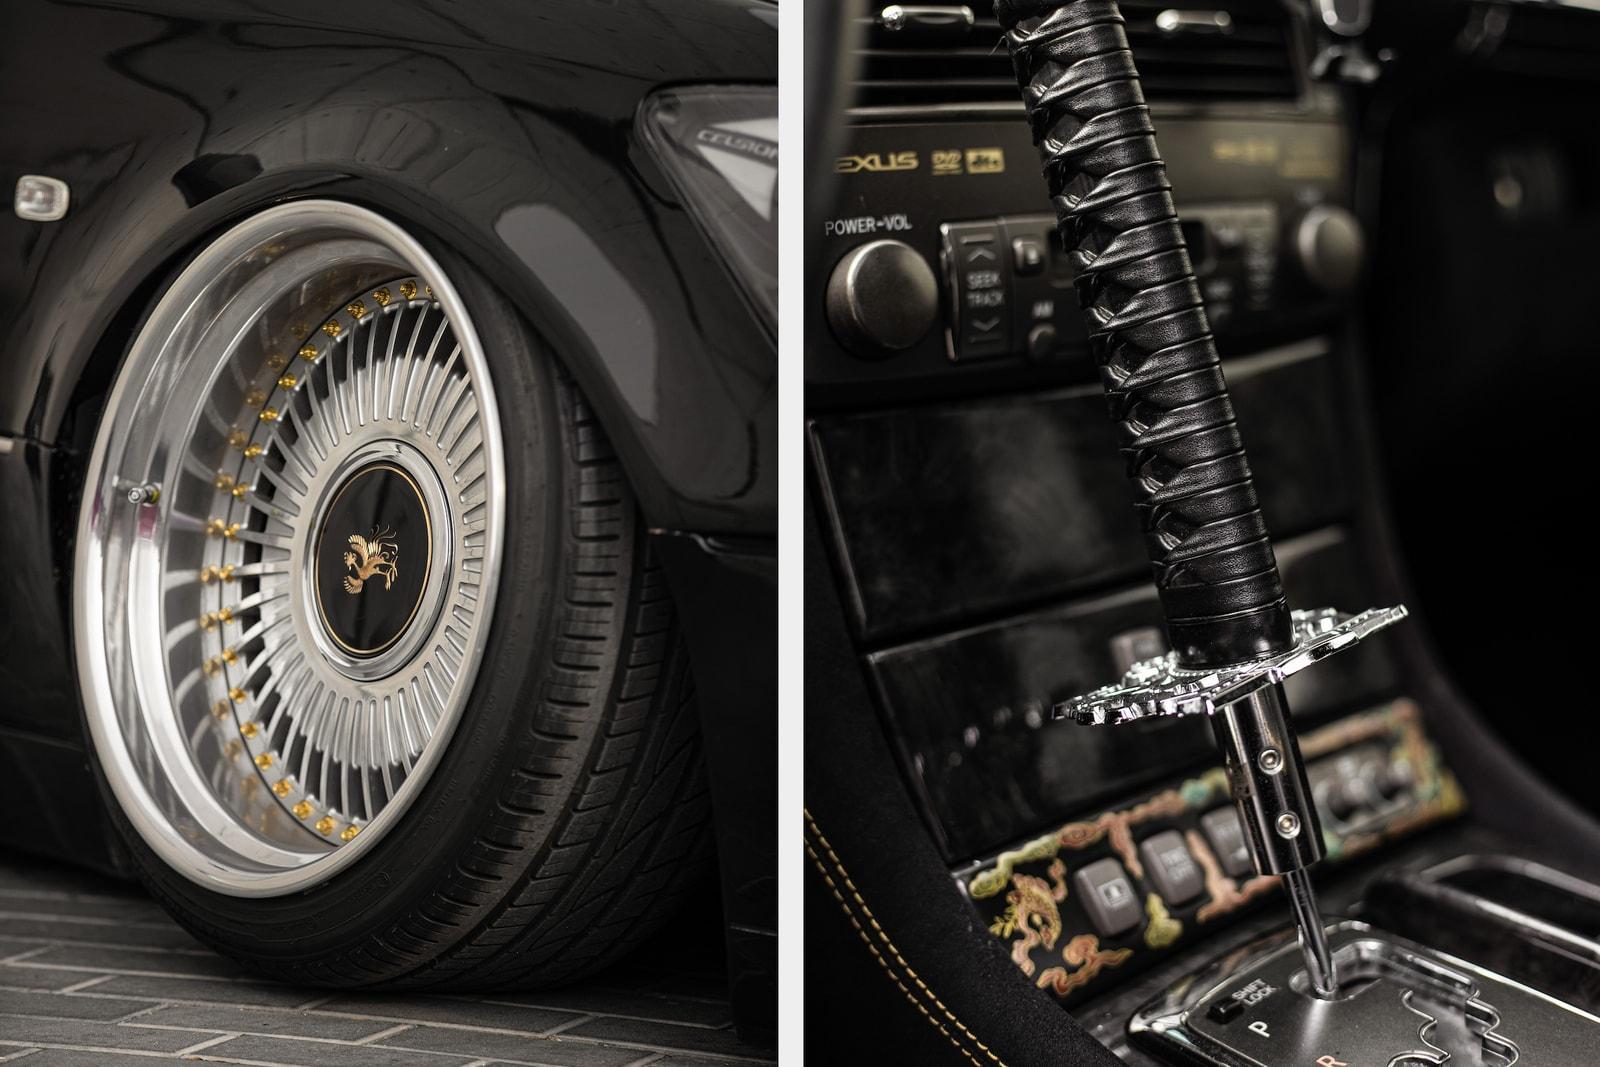 专访汽车文化团体 iAcro,浅谈国内改装车文化发展及难题 | THROTTLE